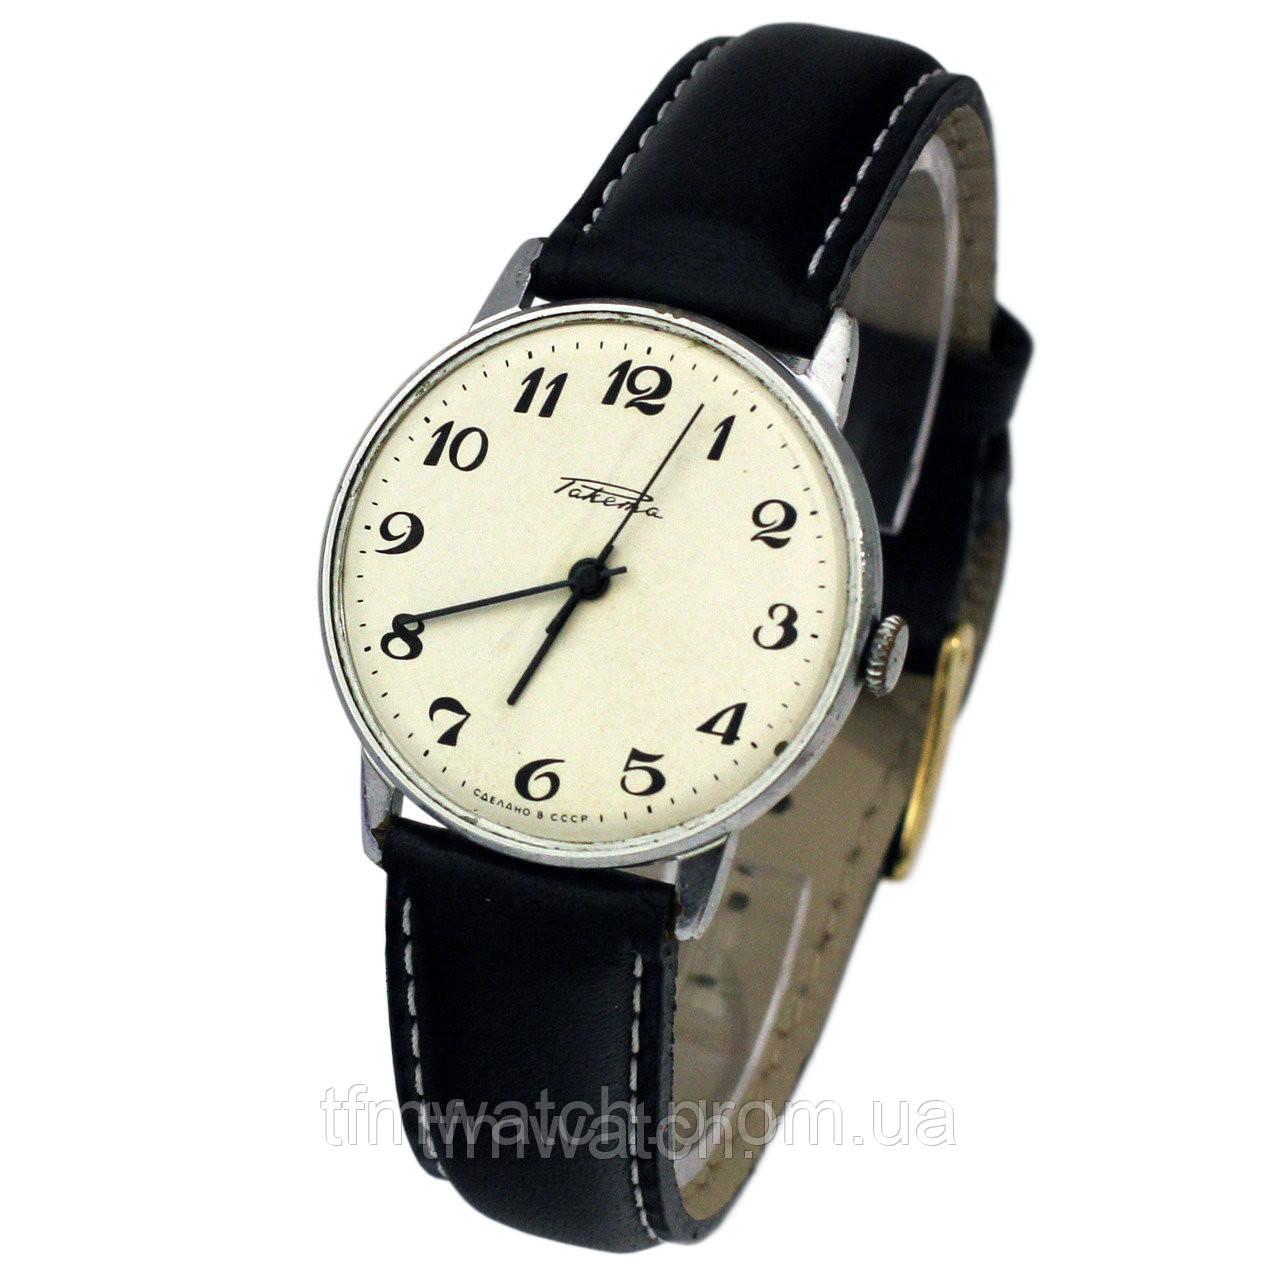 Продать старые часы ракета часы casio продать